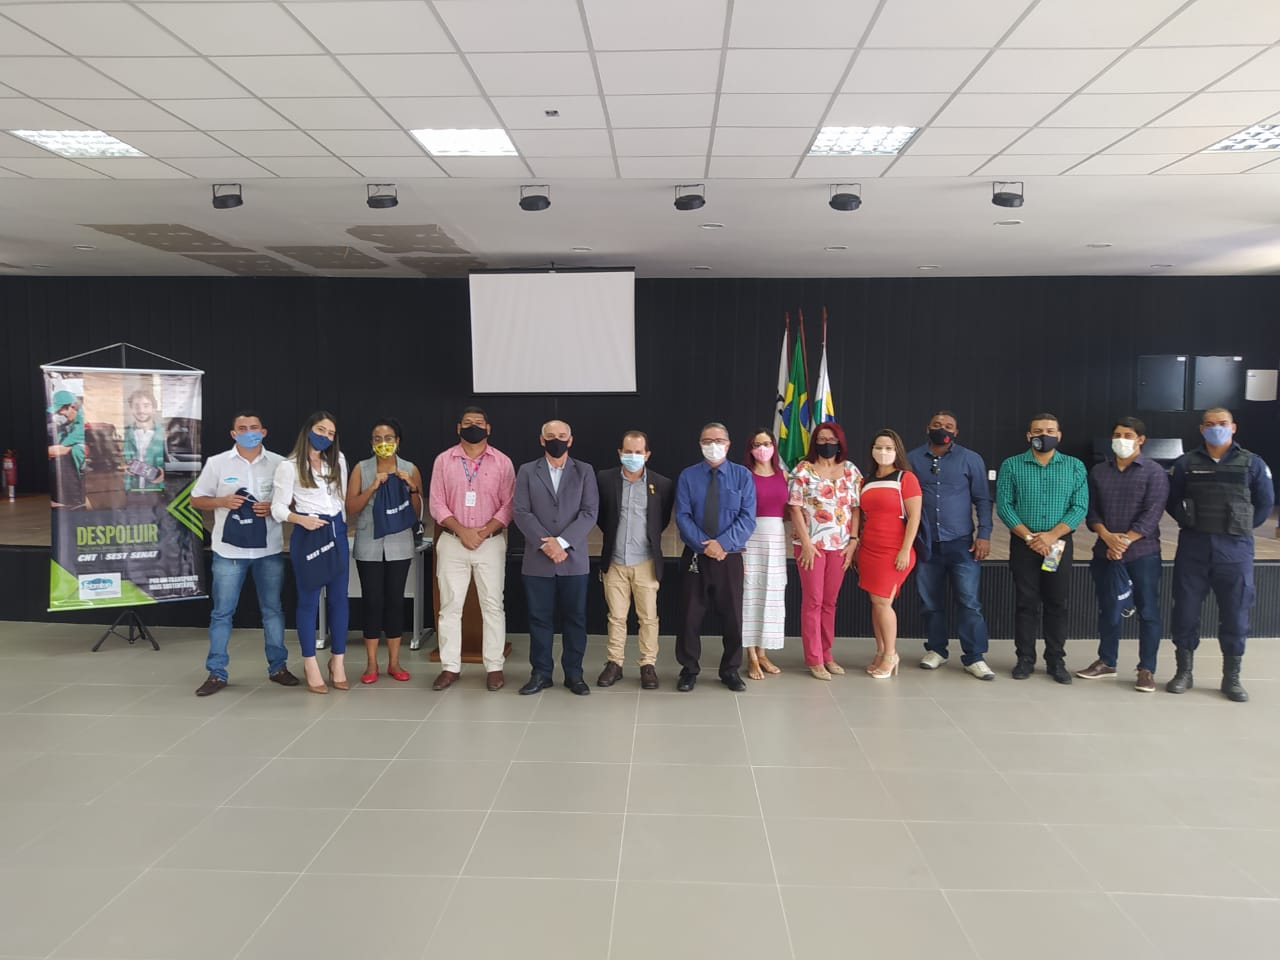 Fetralse apresenta o Despoluir no 12º Fórum Sergipano de Secretários e Dirigentes Públicos de Mobilidade Urbana